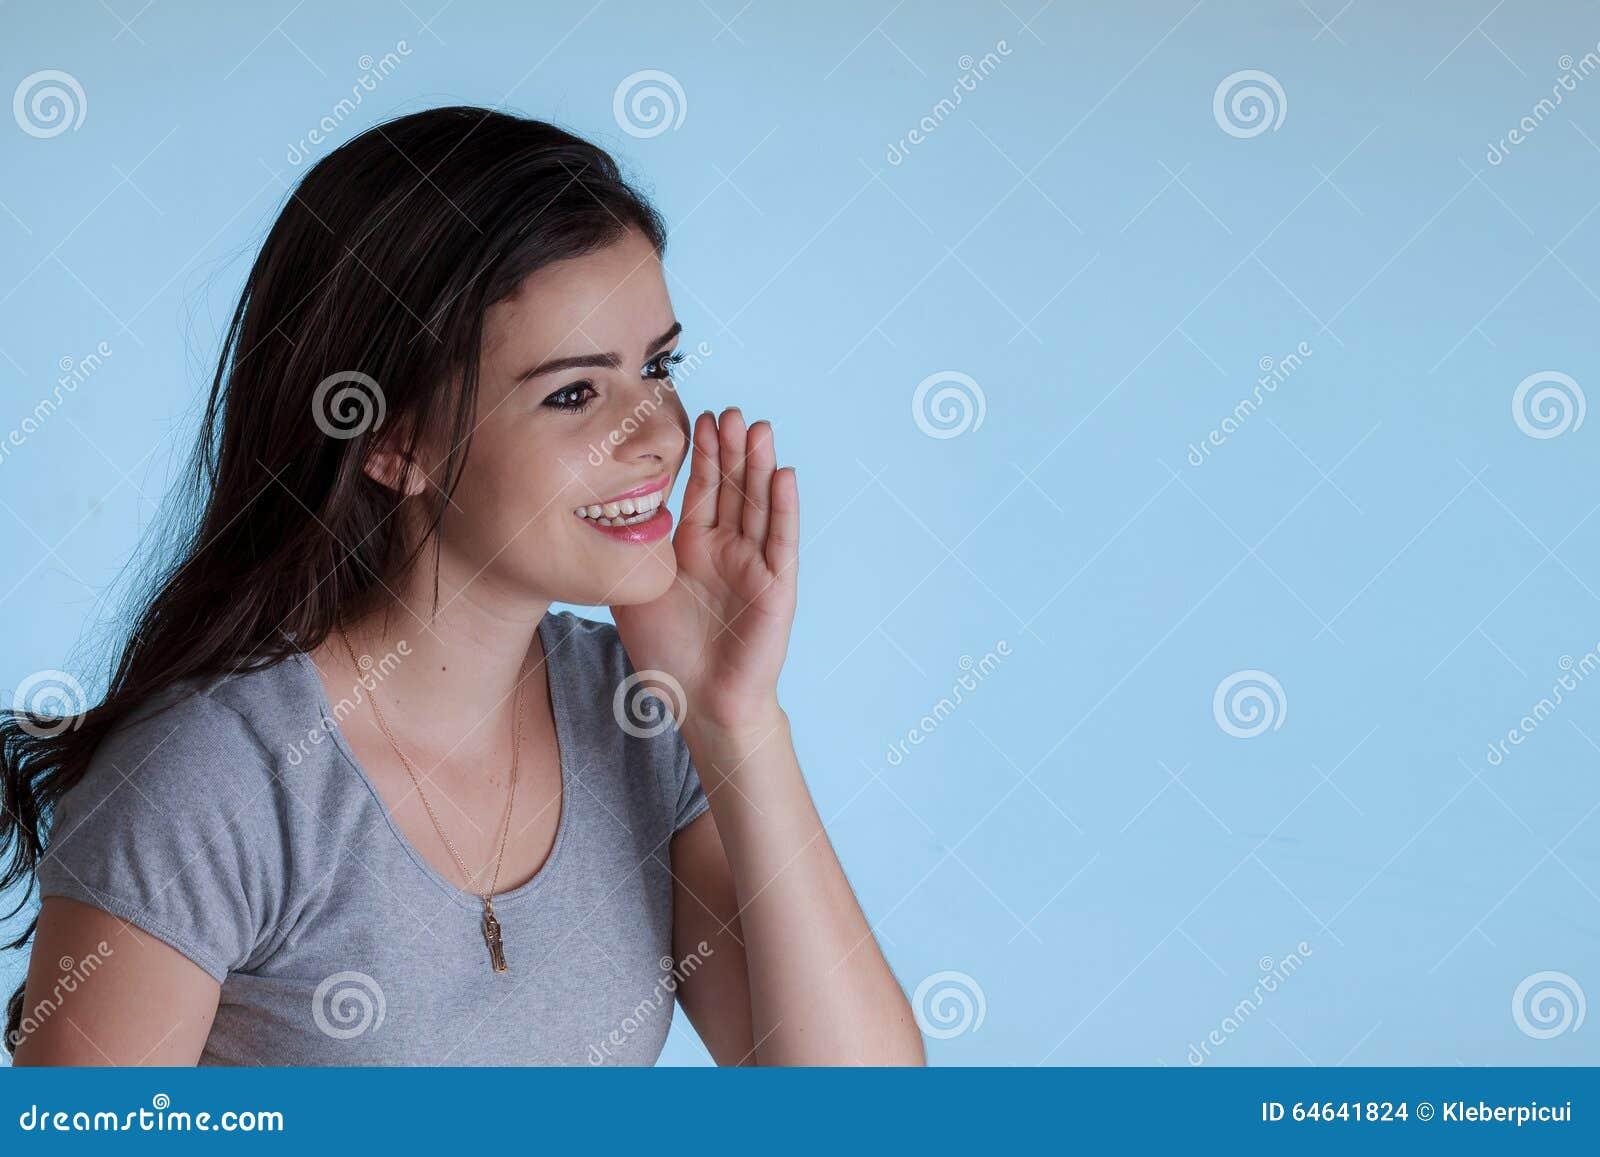 Junge Frau, Die Jemand Mit Einer Hand Nahe Bei Dem Mund